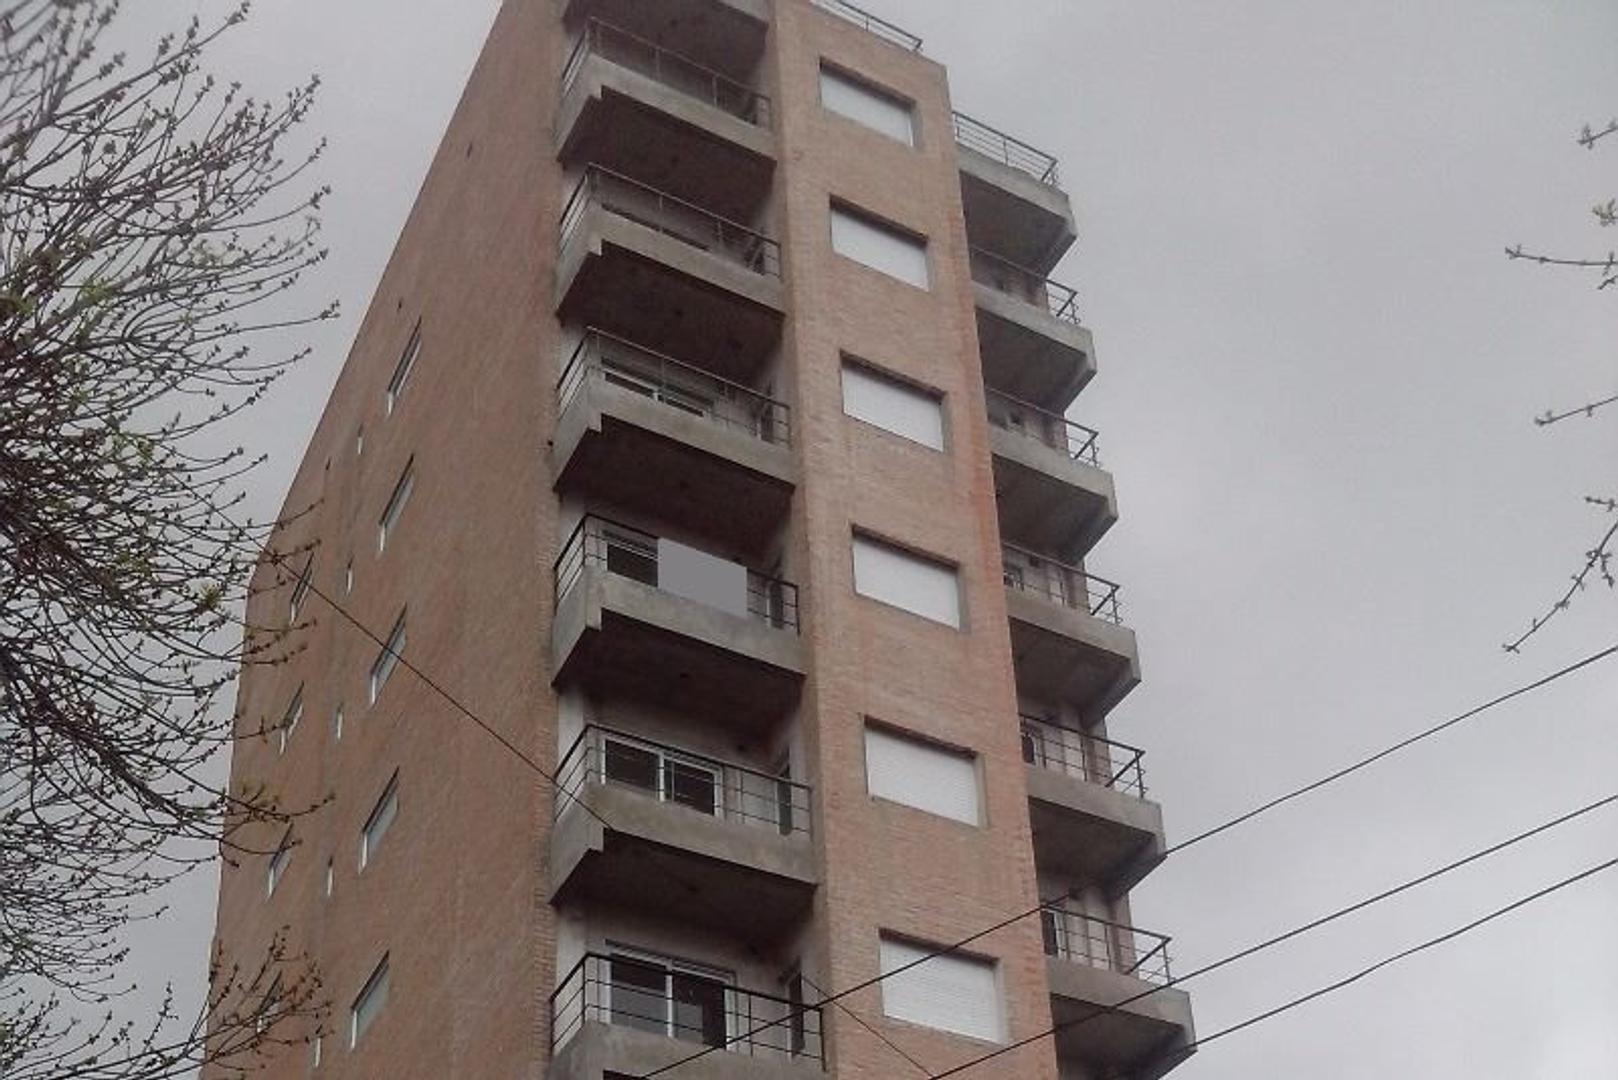 Departamento 1 dormitorios a la venta en Rosario. San Lorenzo y Crespo. Entrega Diciembre 2015.